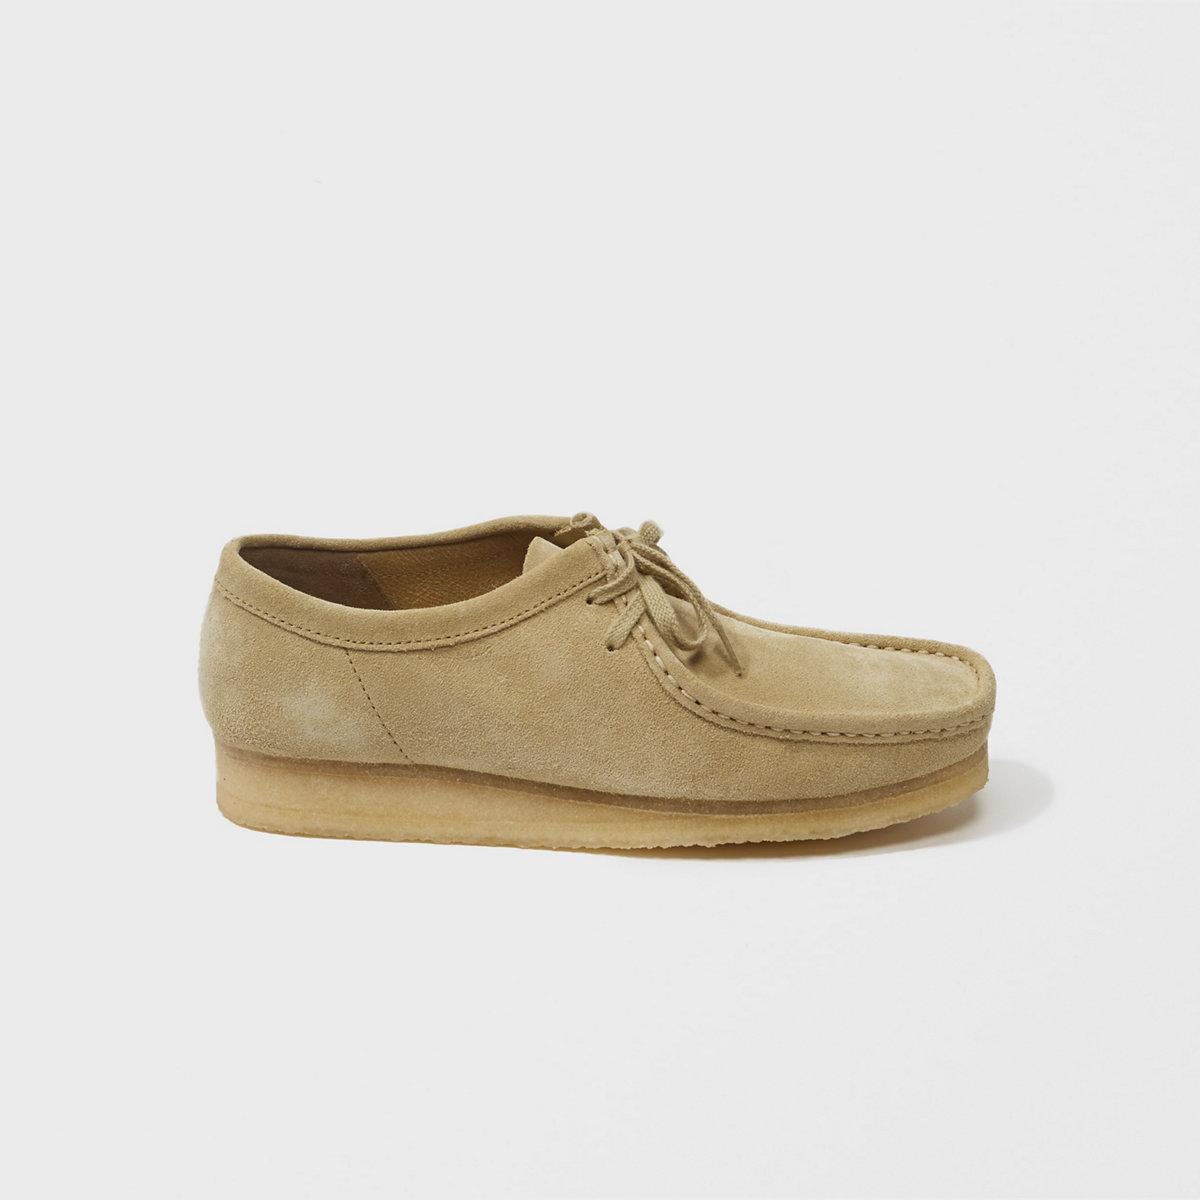 Clarks Wallabee Shoe